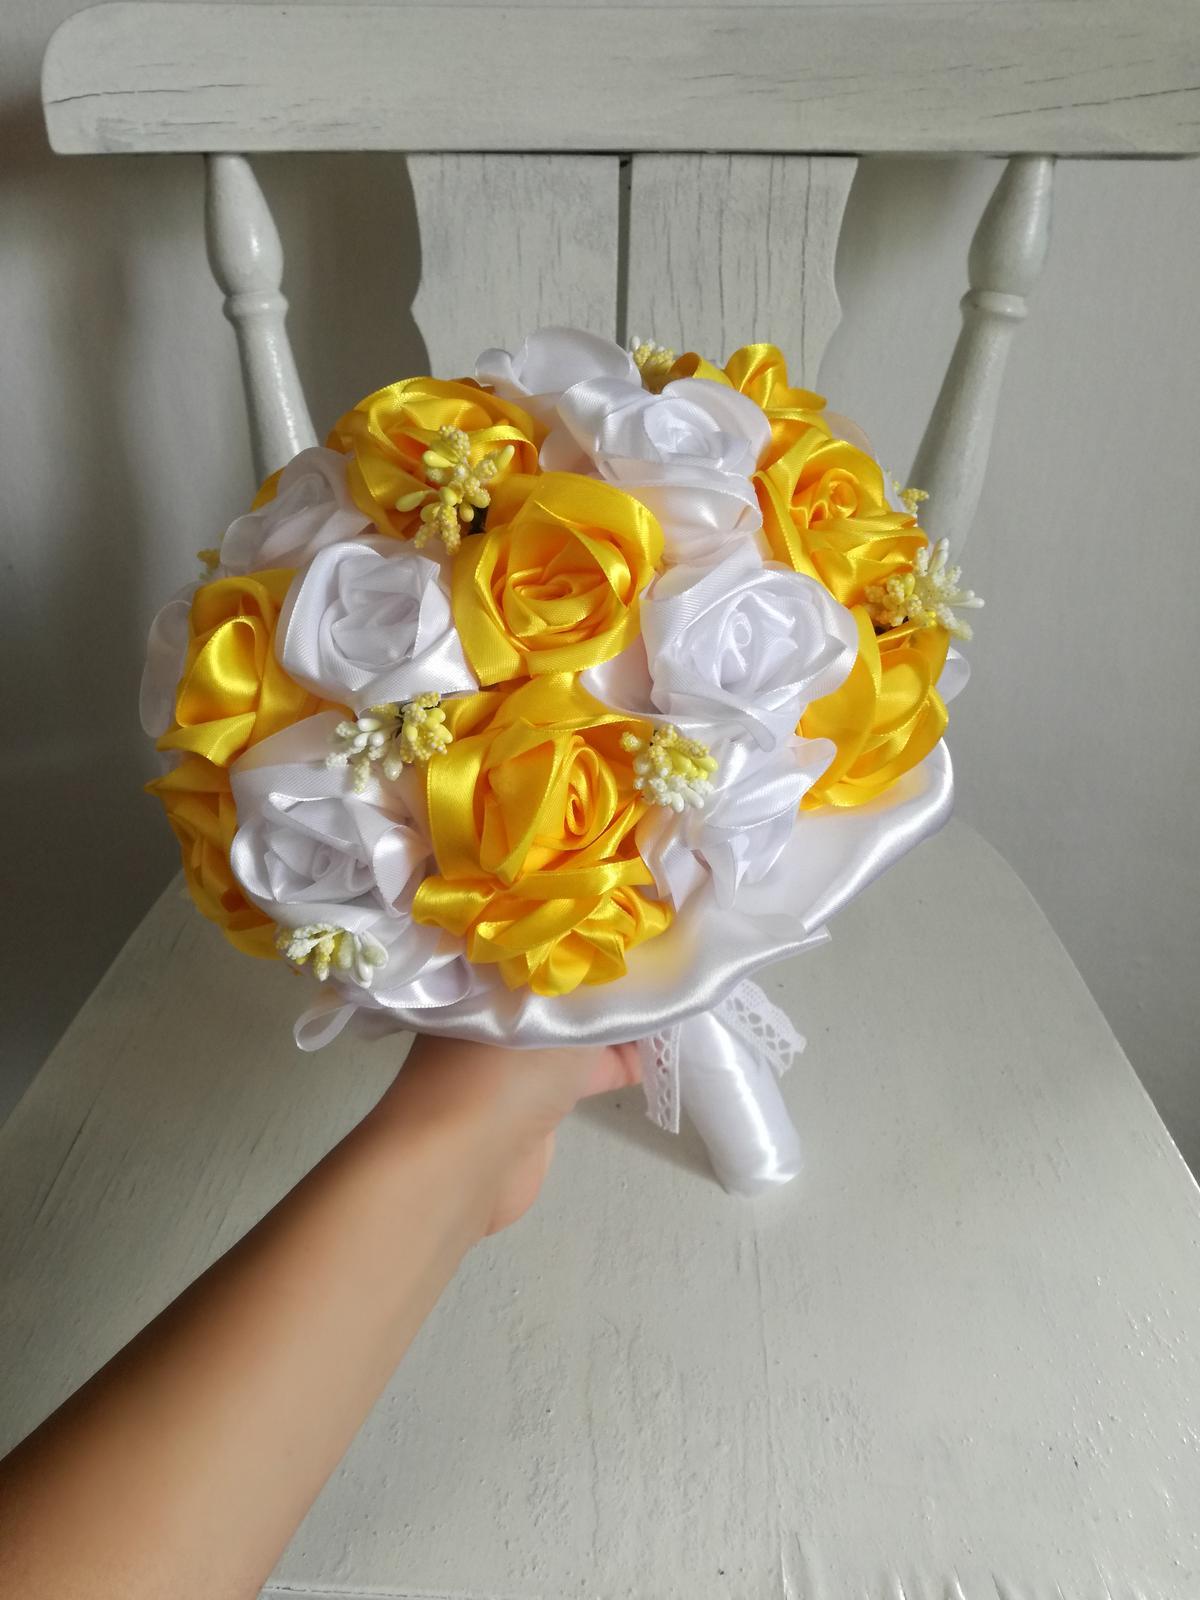 Saténové ruže-žlto biele,pošta v cene - Obrázok č. 3